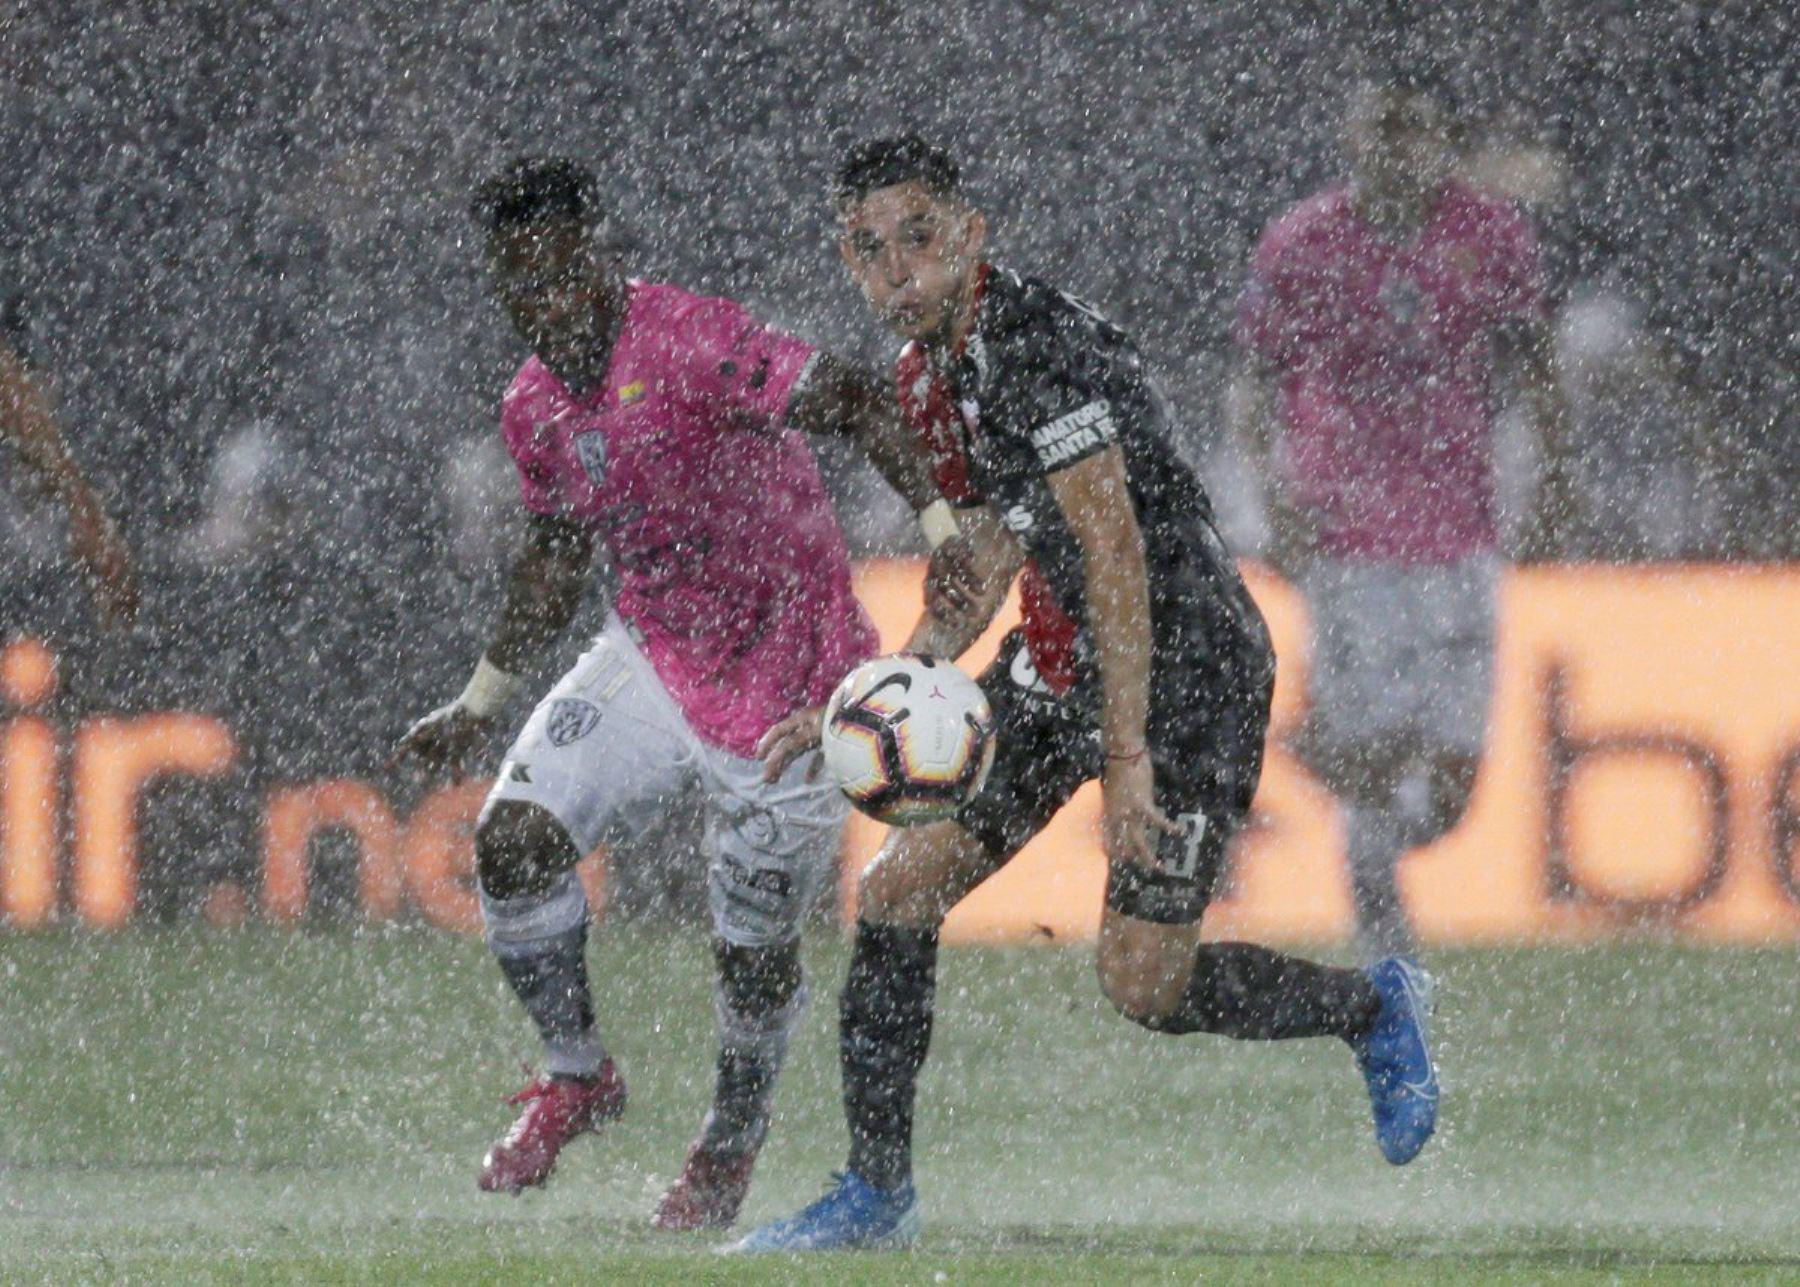 El árbitro frena momentáneamente el partido por la lluvia. Foto: INTERNET/Medios